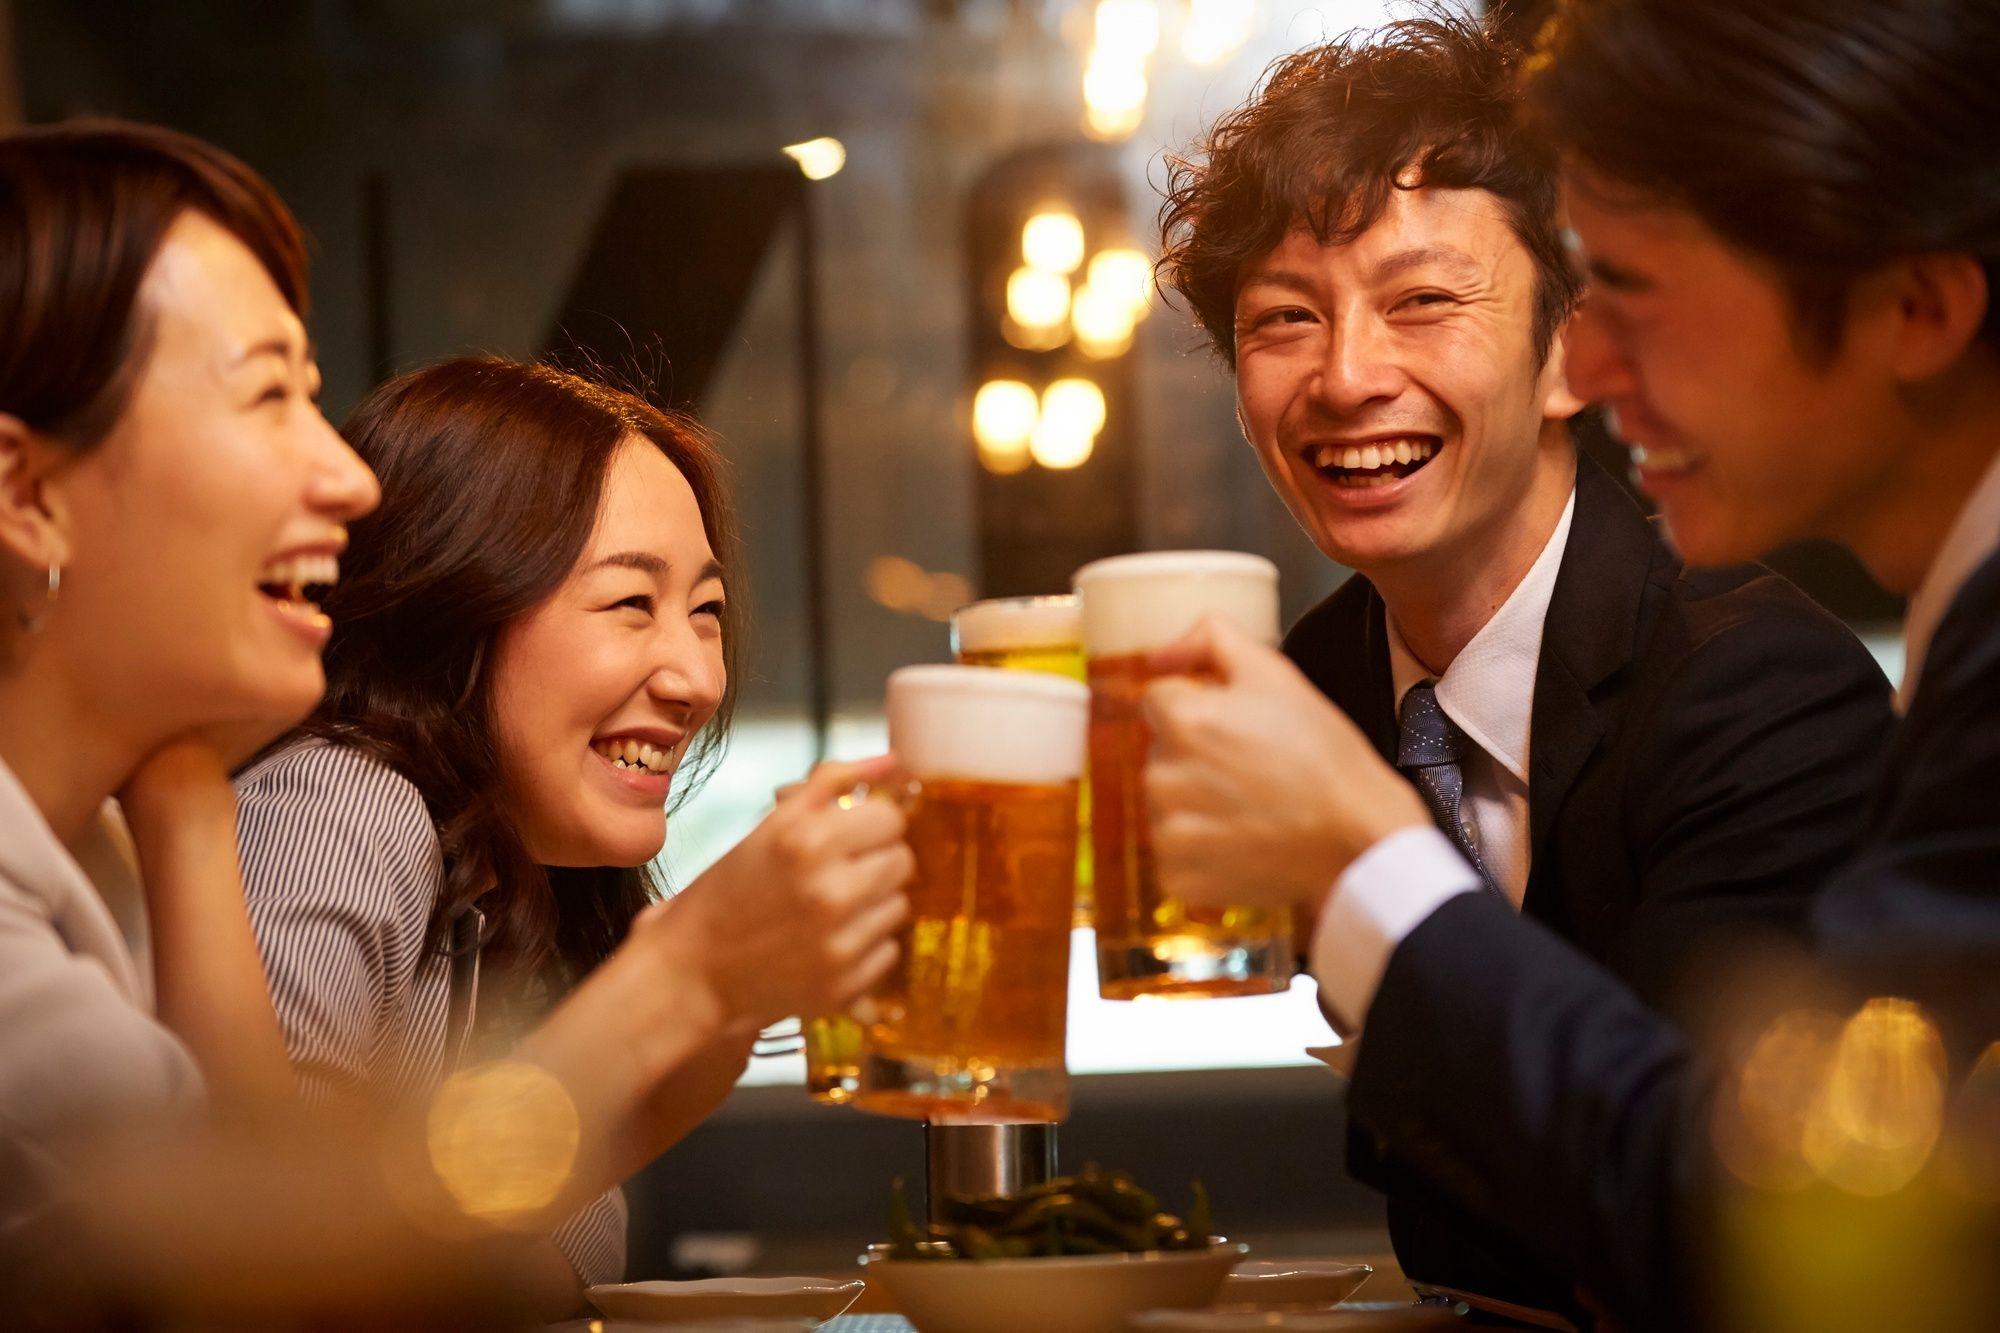 これから経済封鎖がなくても10%減収、ビール各社の業績はどこまで落ち込む?